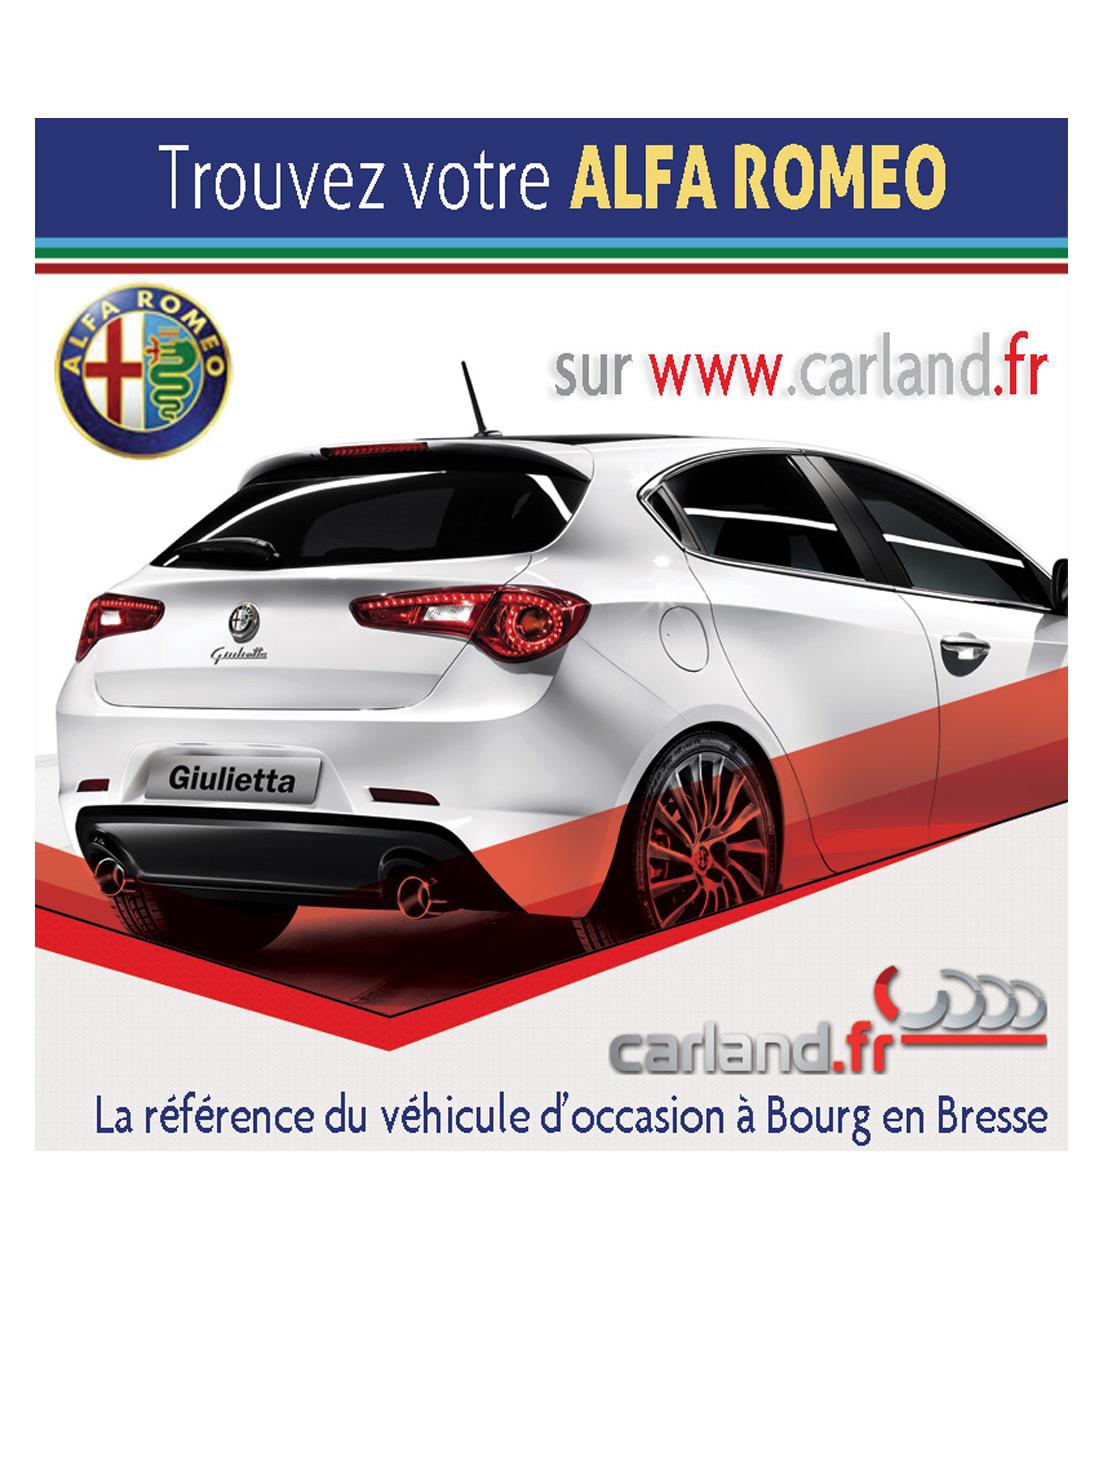 Publicité www.carland.fr